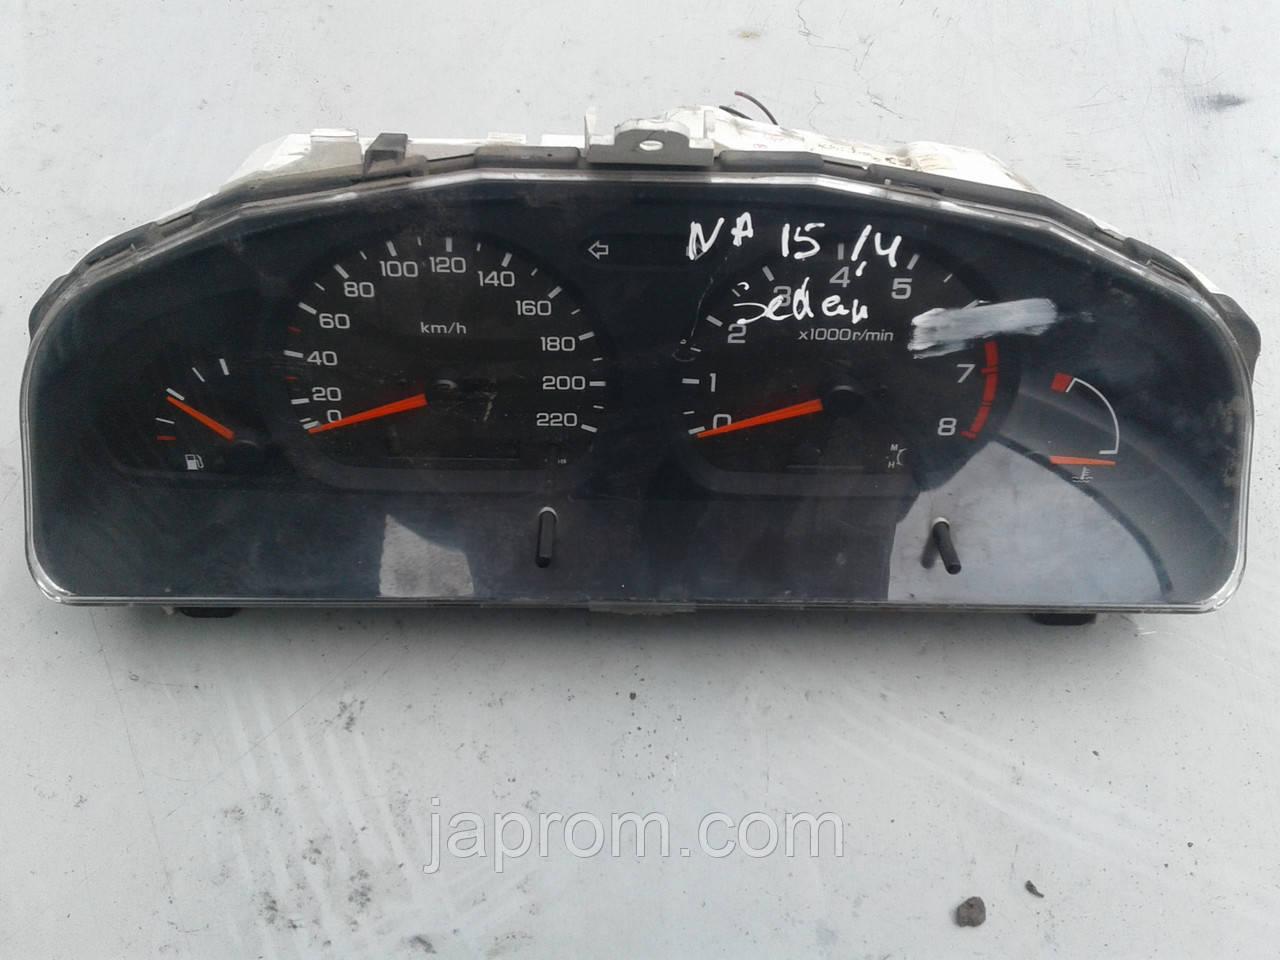 Панель щиток приборов Nissan Almera N15 1995-2000г.в. 2N362 GF